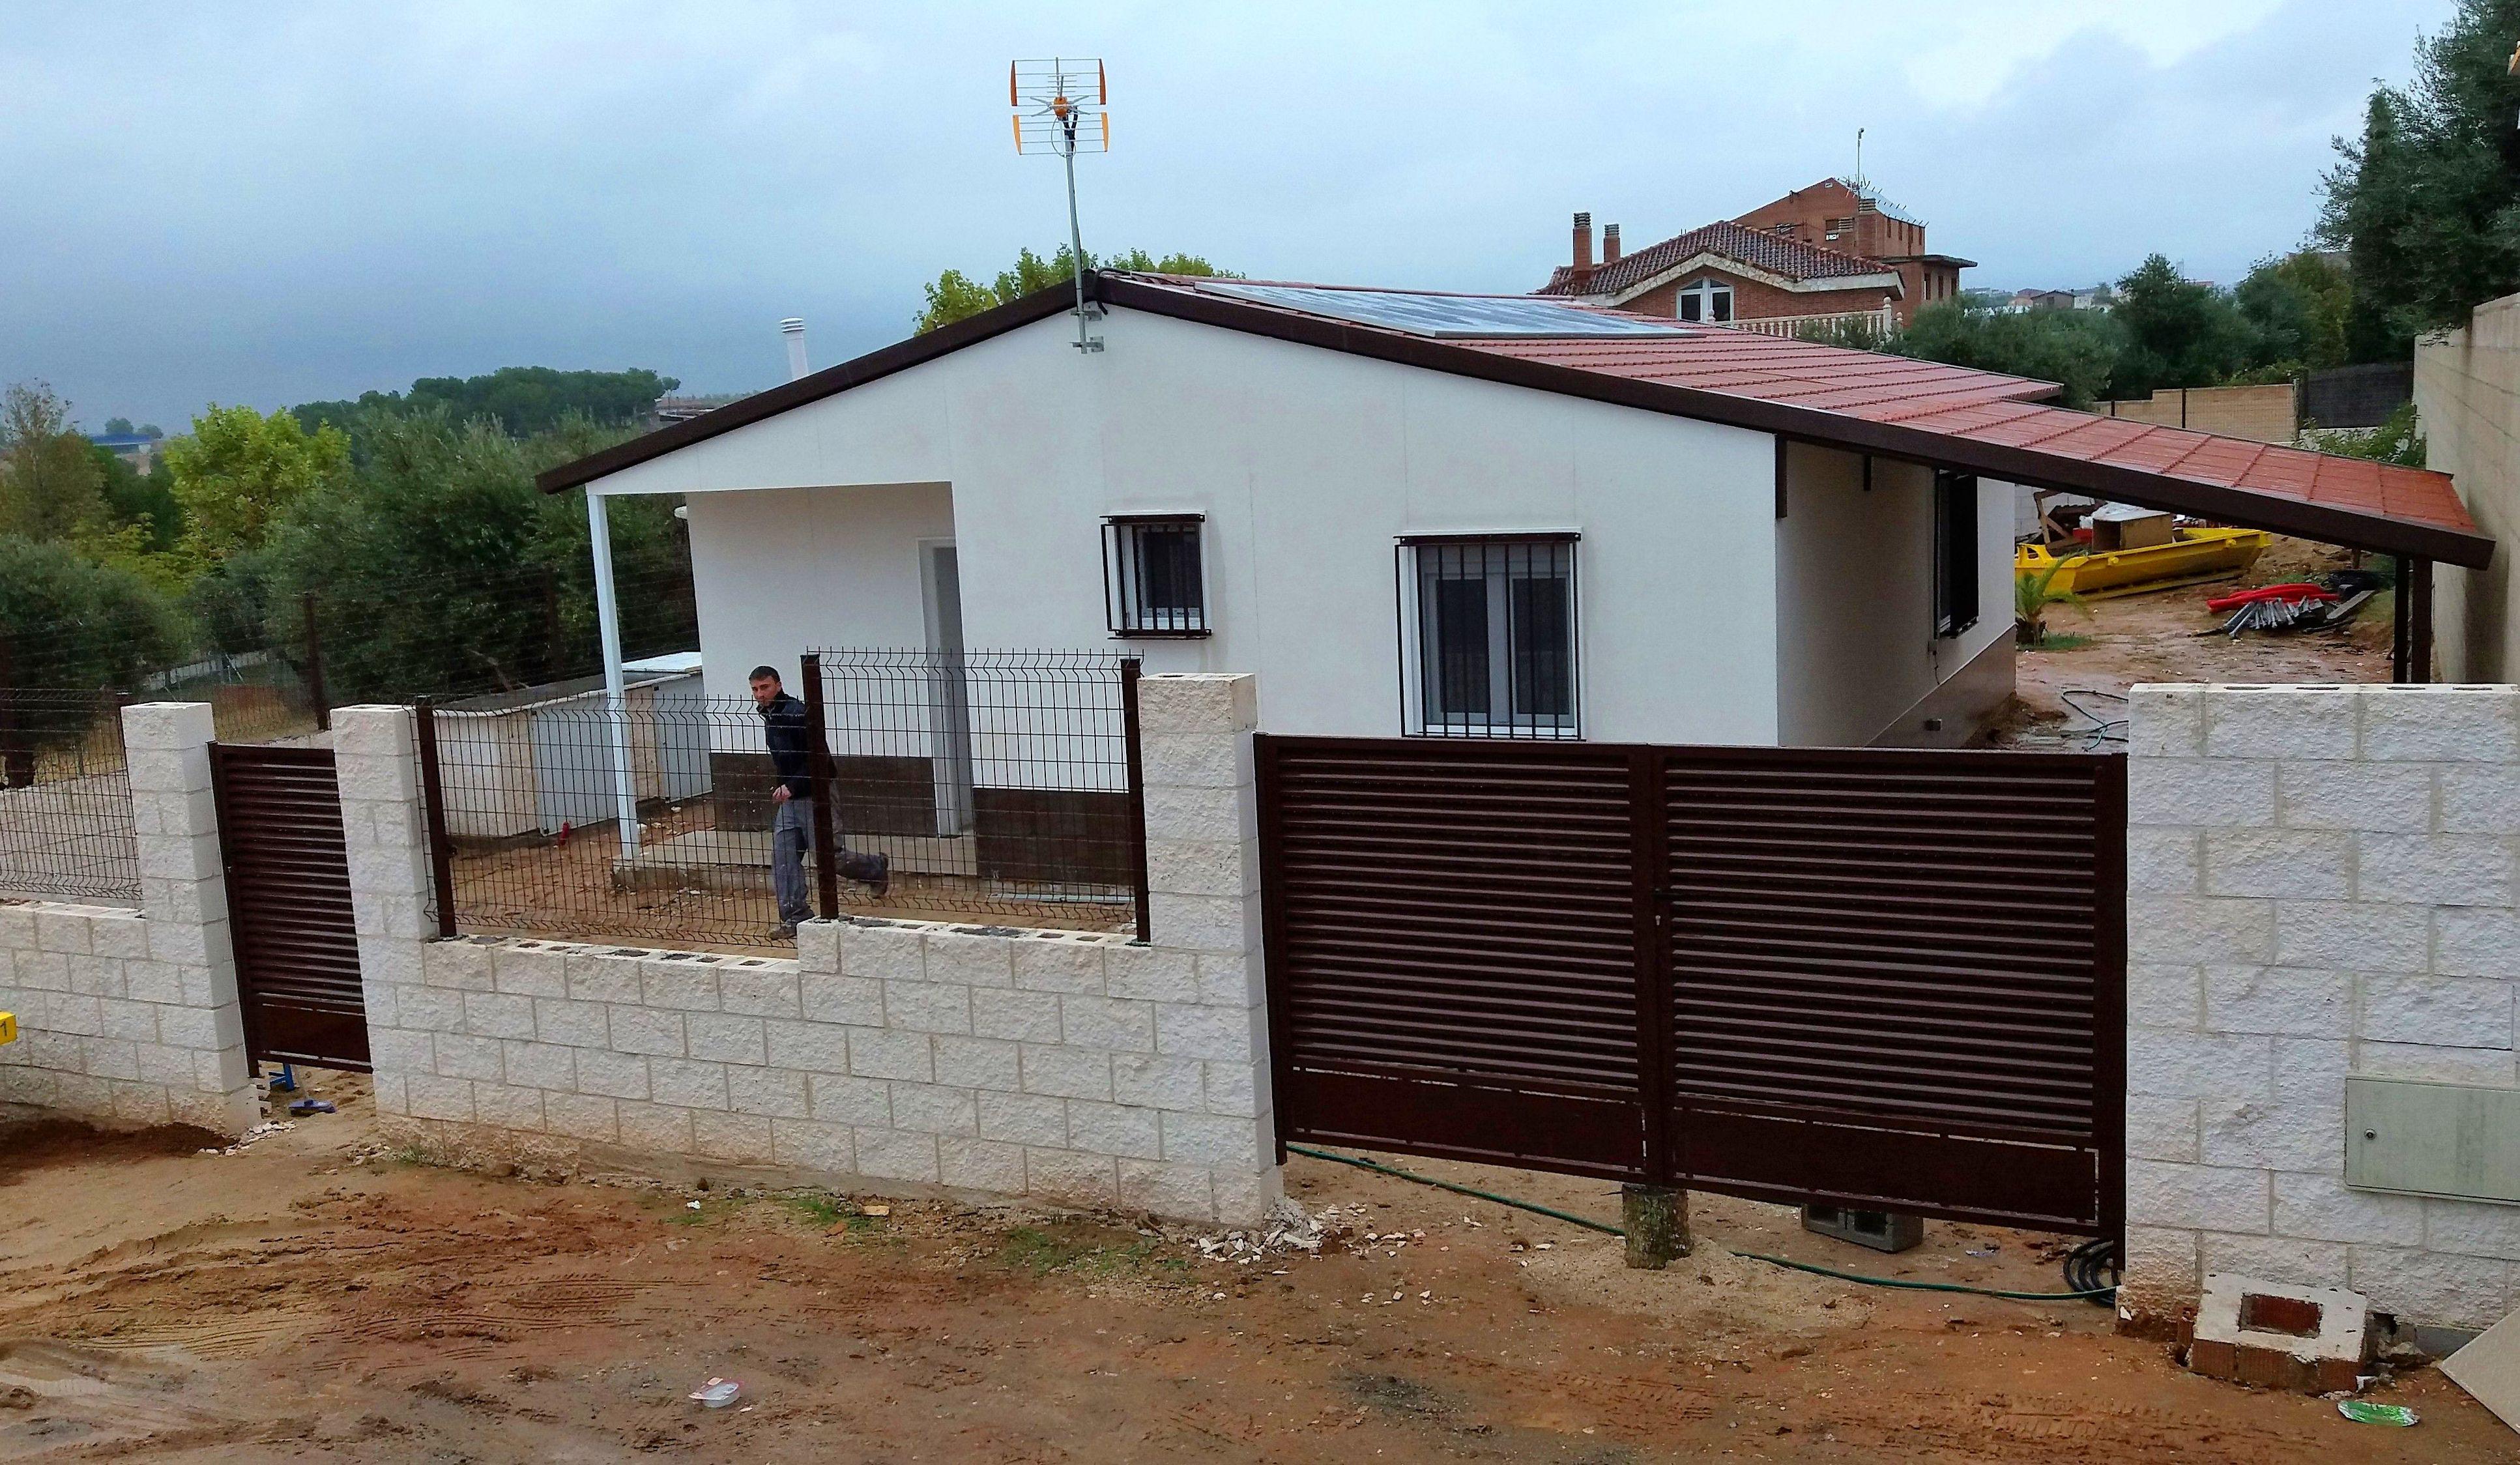 Foto 30 de Casas prefabricadas en  | Wigarma